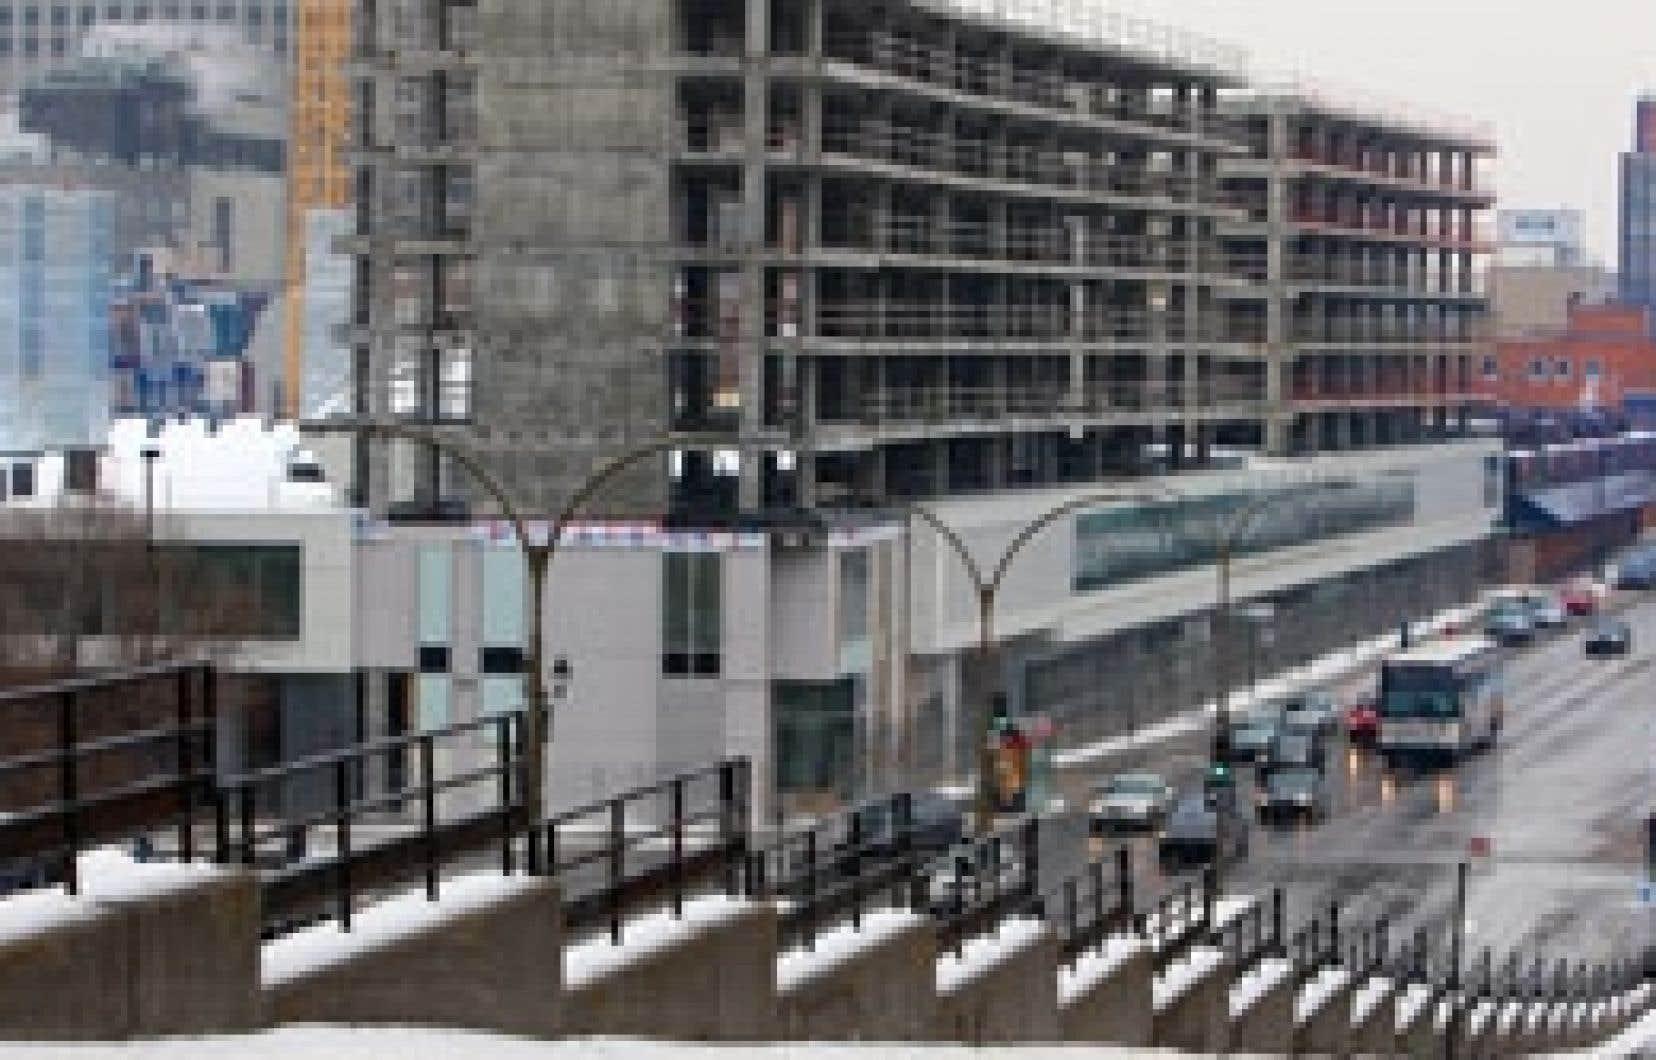 La nouvelle gare d'autobus risque de demeurer un édifice fantôme, avec au-dessus la structure des résidences étudiantes dont l'avenir demeure incertain. Au sud de l'îlot Voyageur, on aperçoit l'actuel terminus d'autobus, qui devait faire